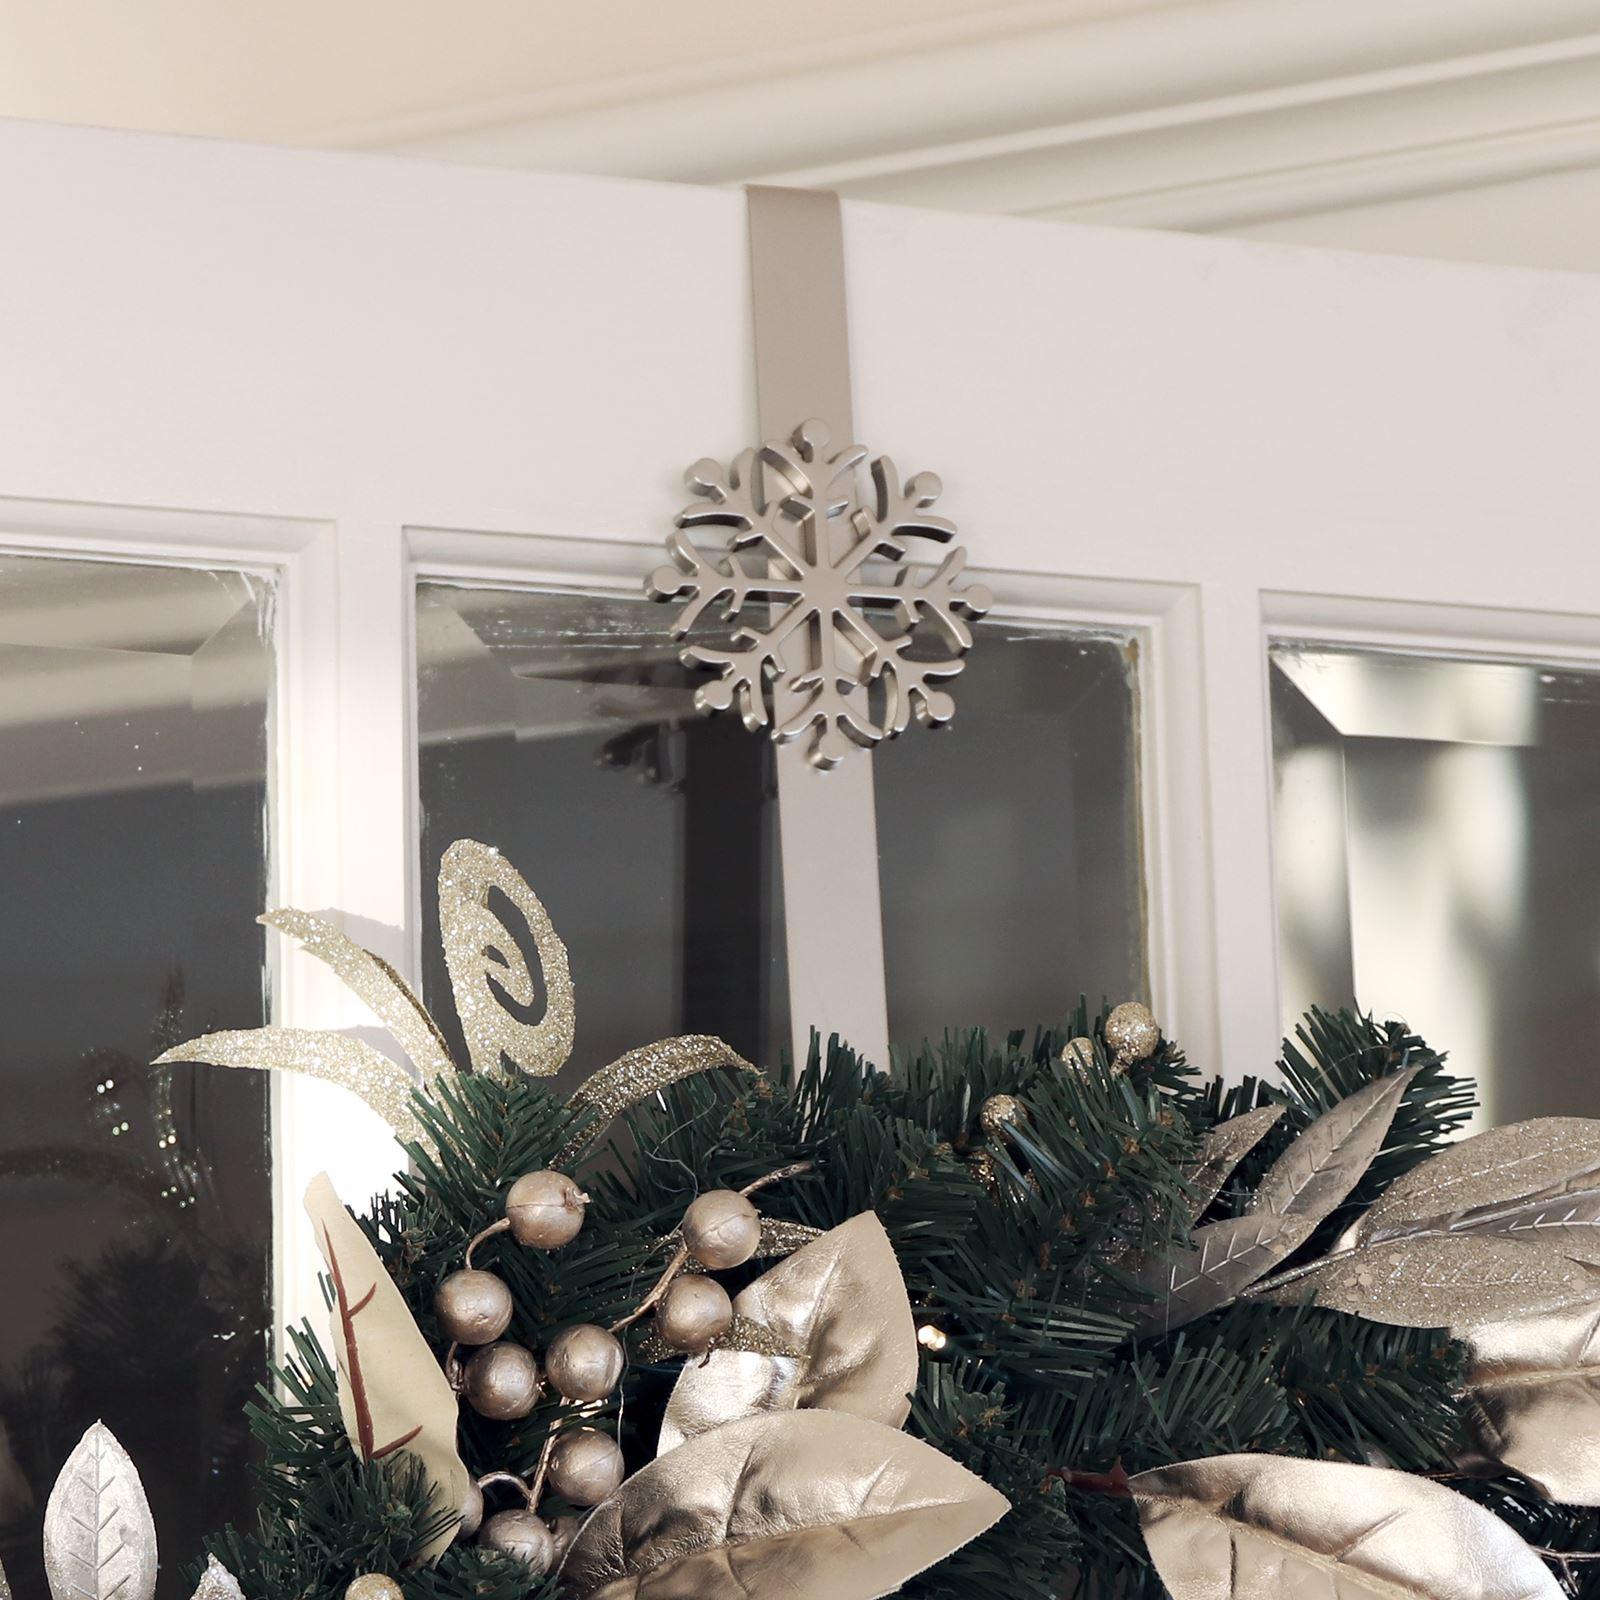 Christmas Wreath Hanger Over Door Hook Silver Metal Decoration 35cm